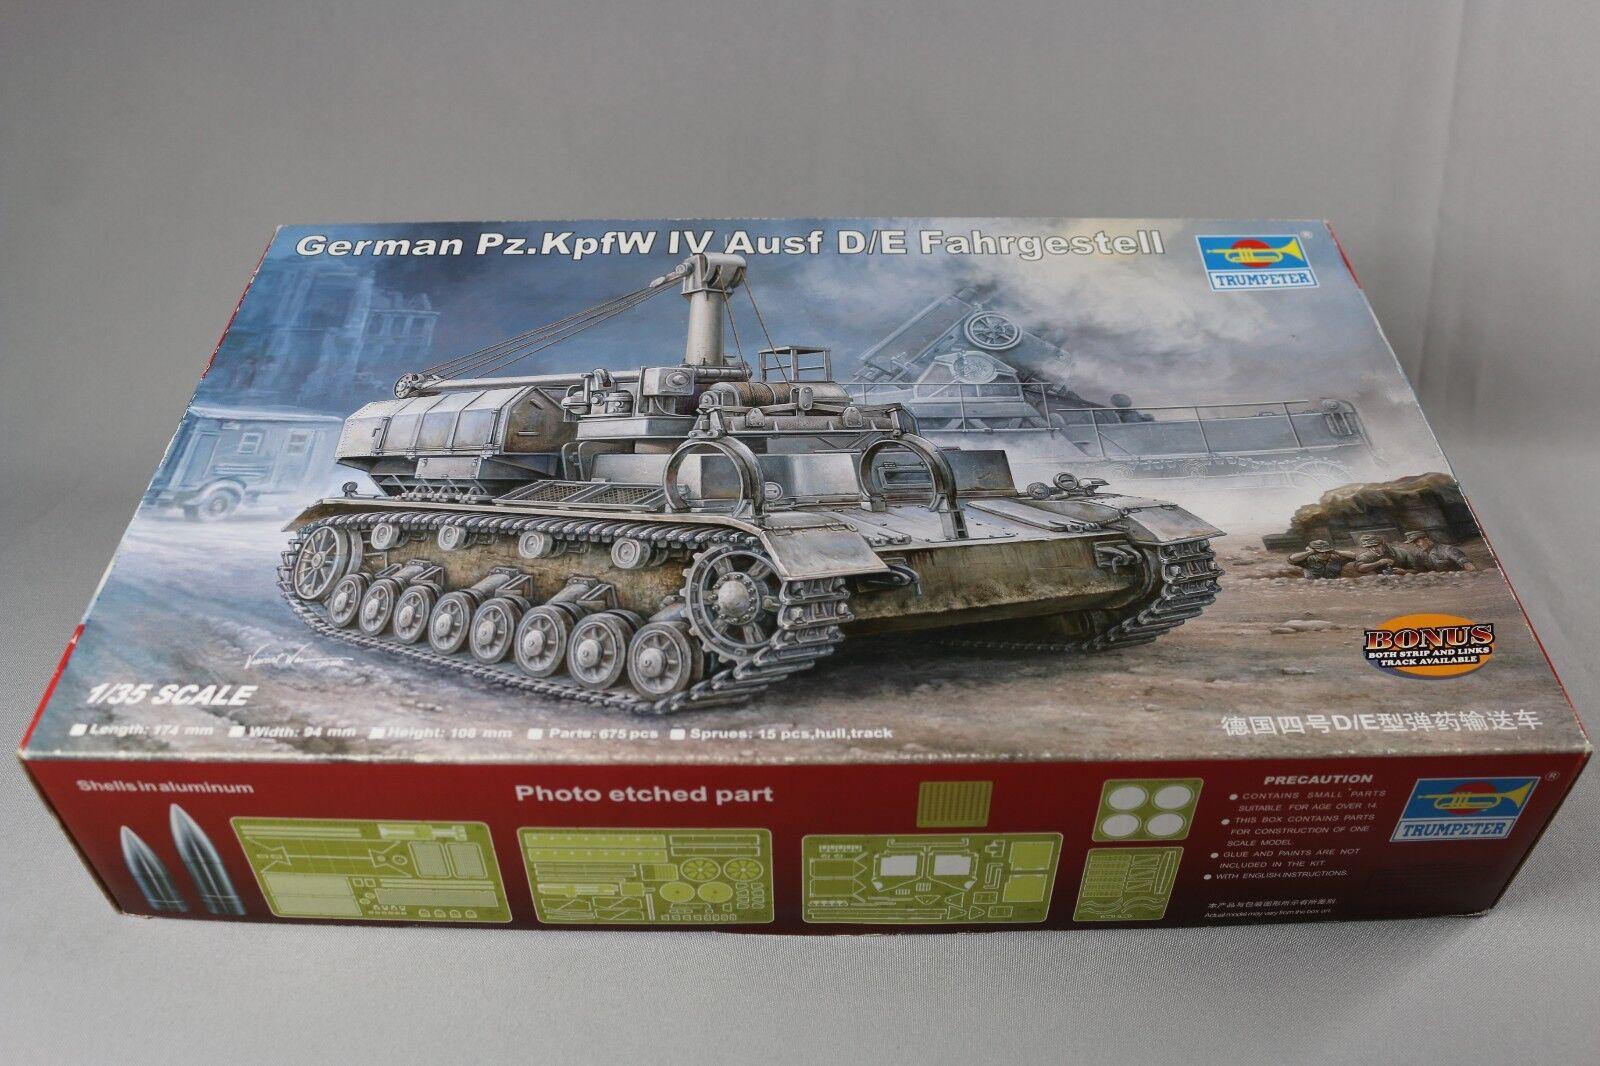 ZC164 Trumpeter 00362 Maquette Militaire 1 35 German Pz KpfW IV Ausf Fahrgestell